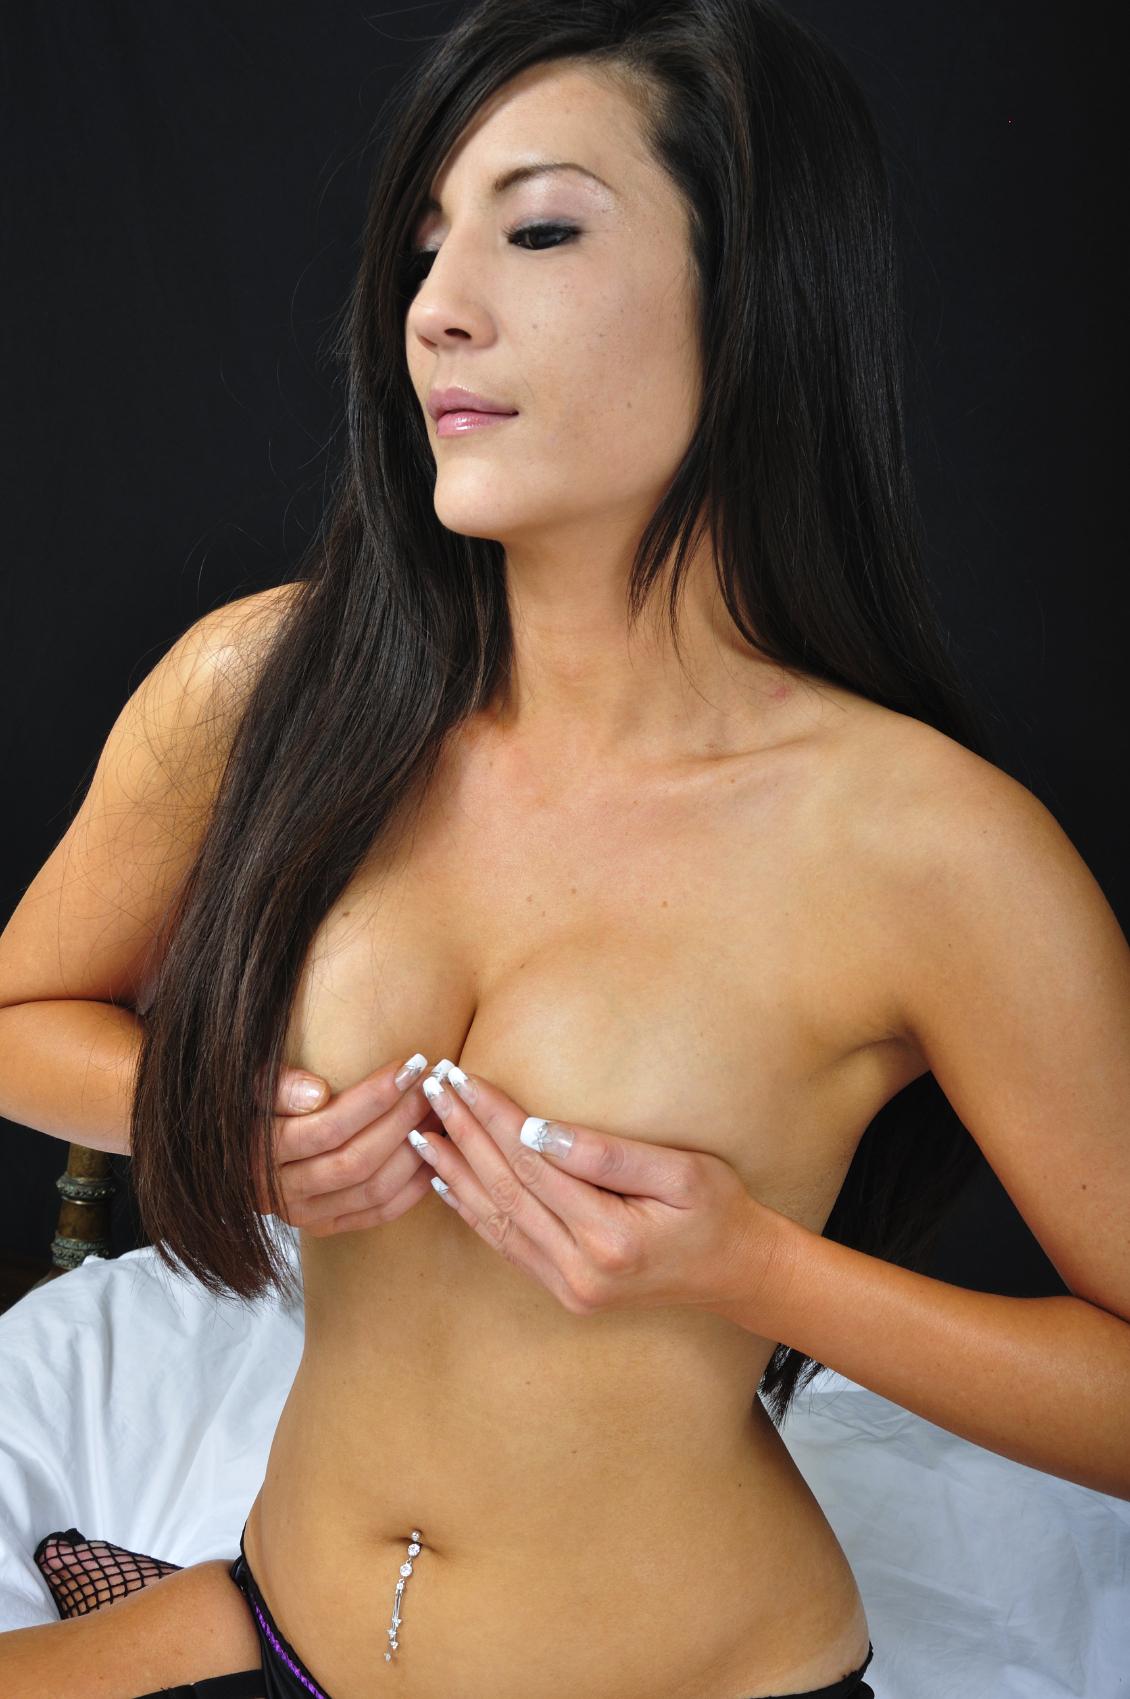 søborg thai massage behårede kønsdele